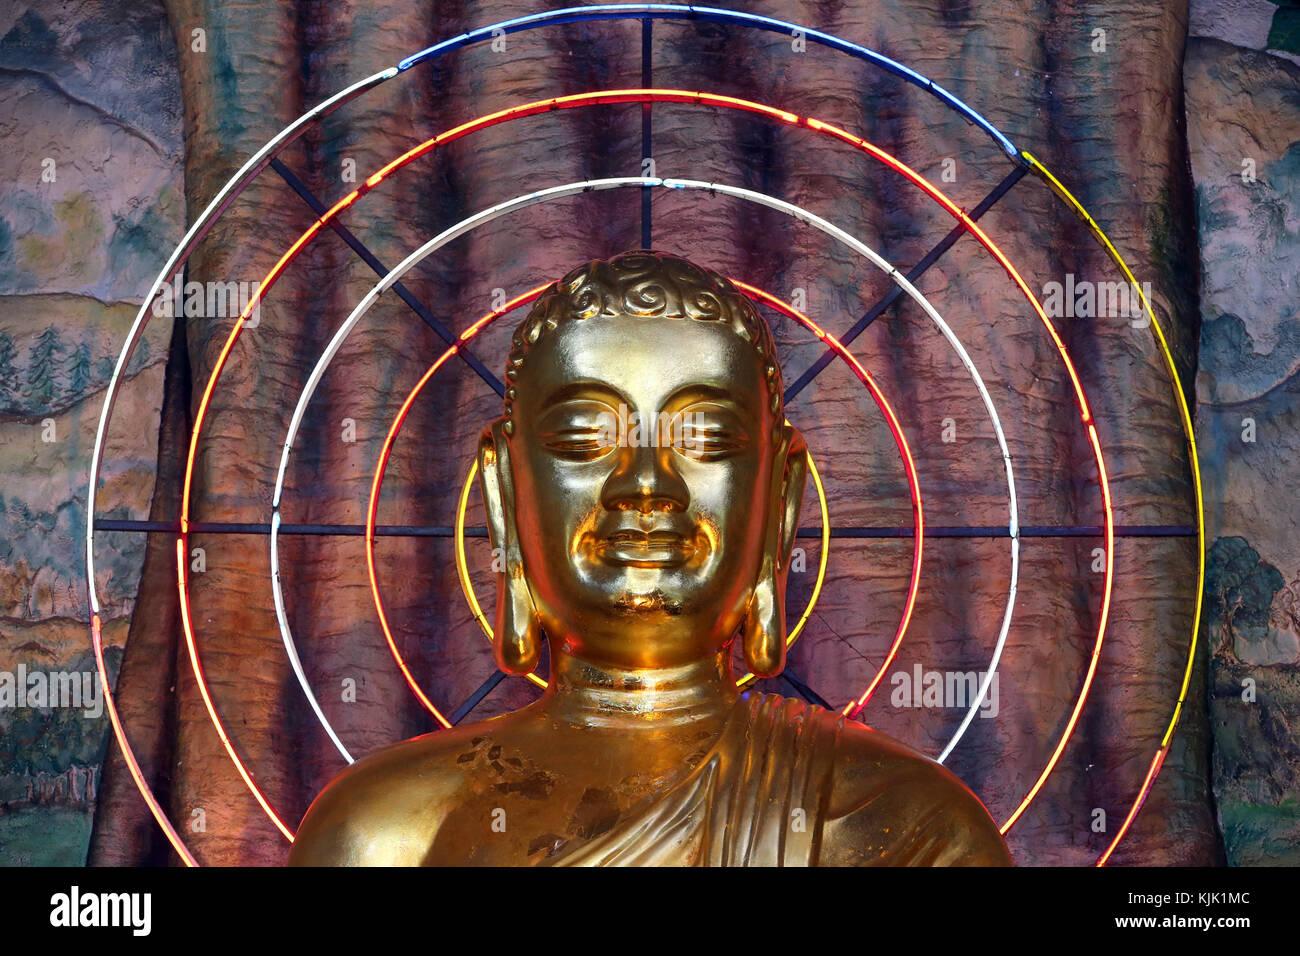 Linh Phuoc Pagoda buddista. Immagine del Buddha con neon cerchi. Dalat. Il Vietnam. Immagini Stock